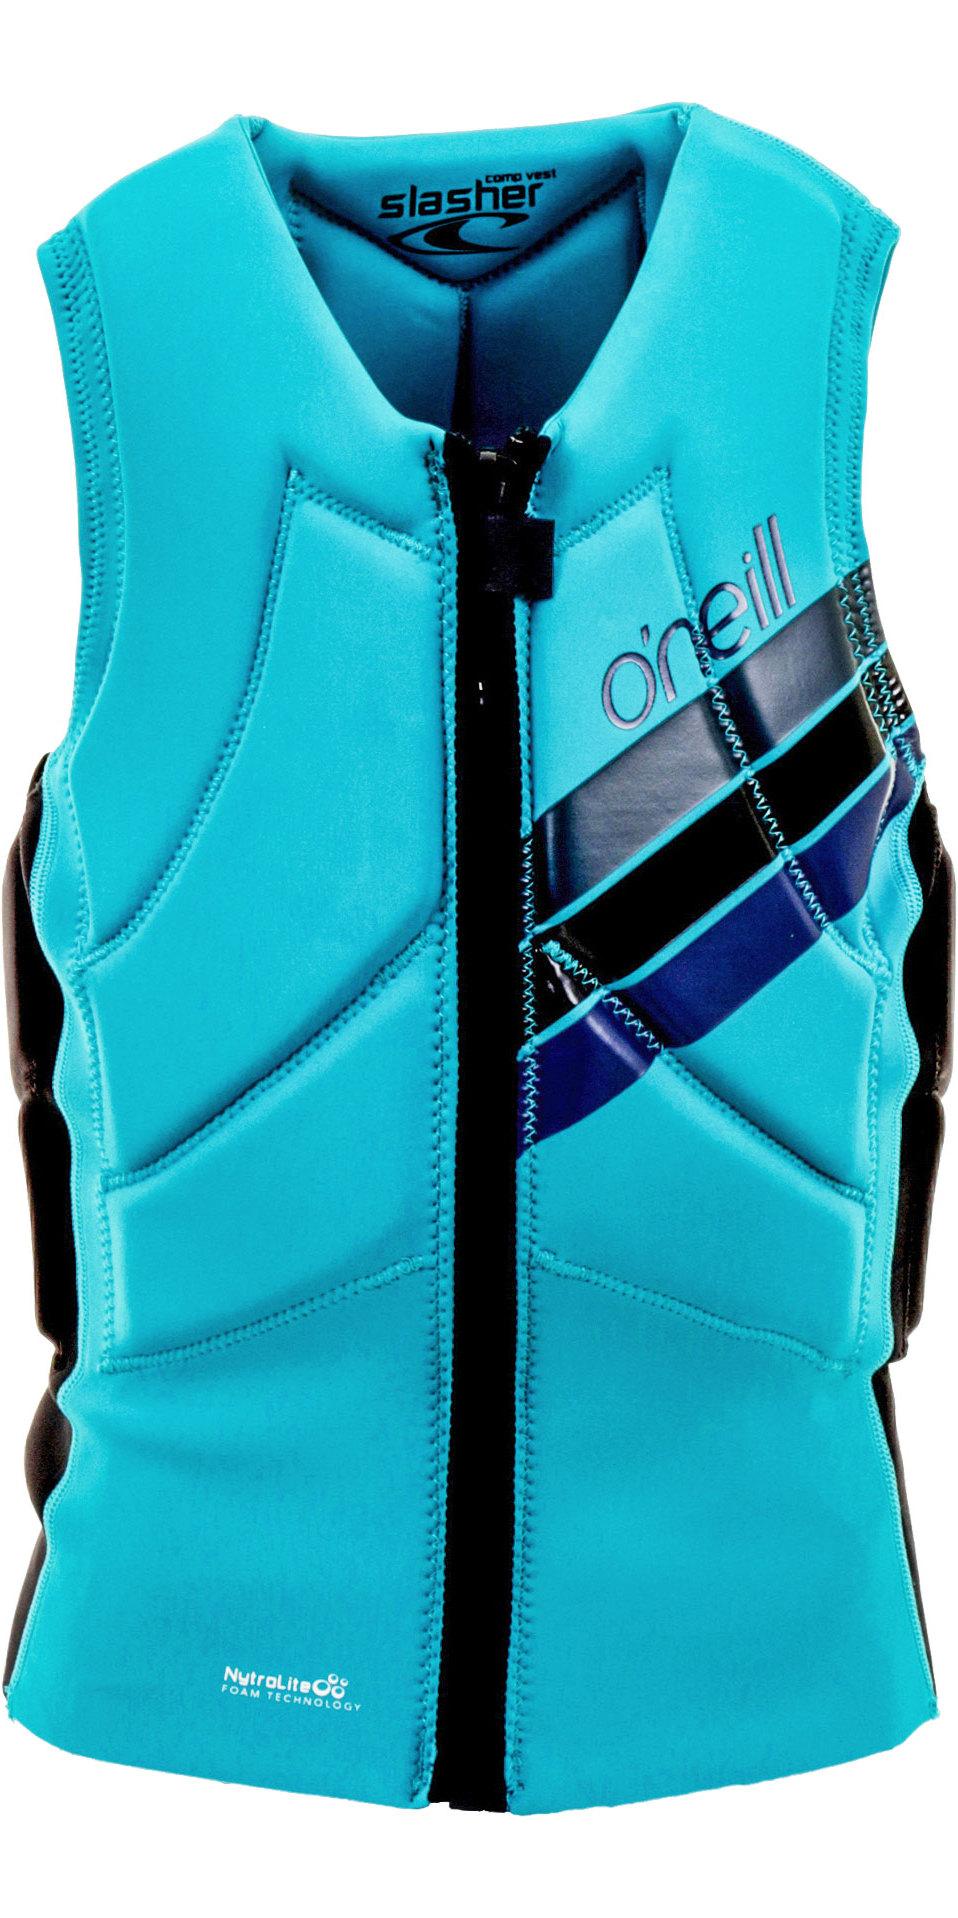 O'Neill Womens Slasher Comp Impact Vest Breeze 4938EU